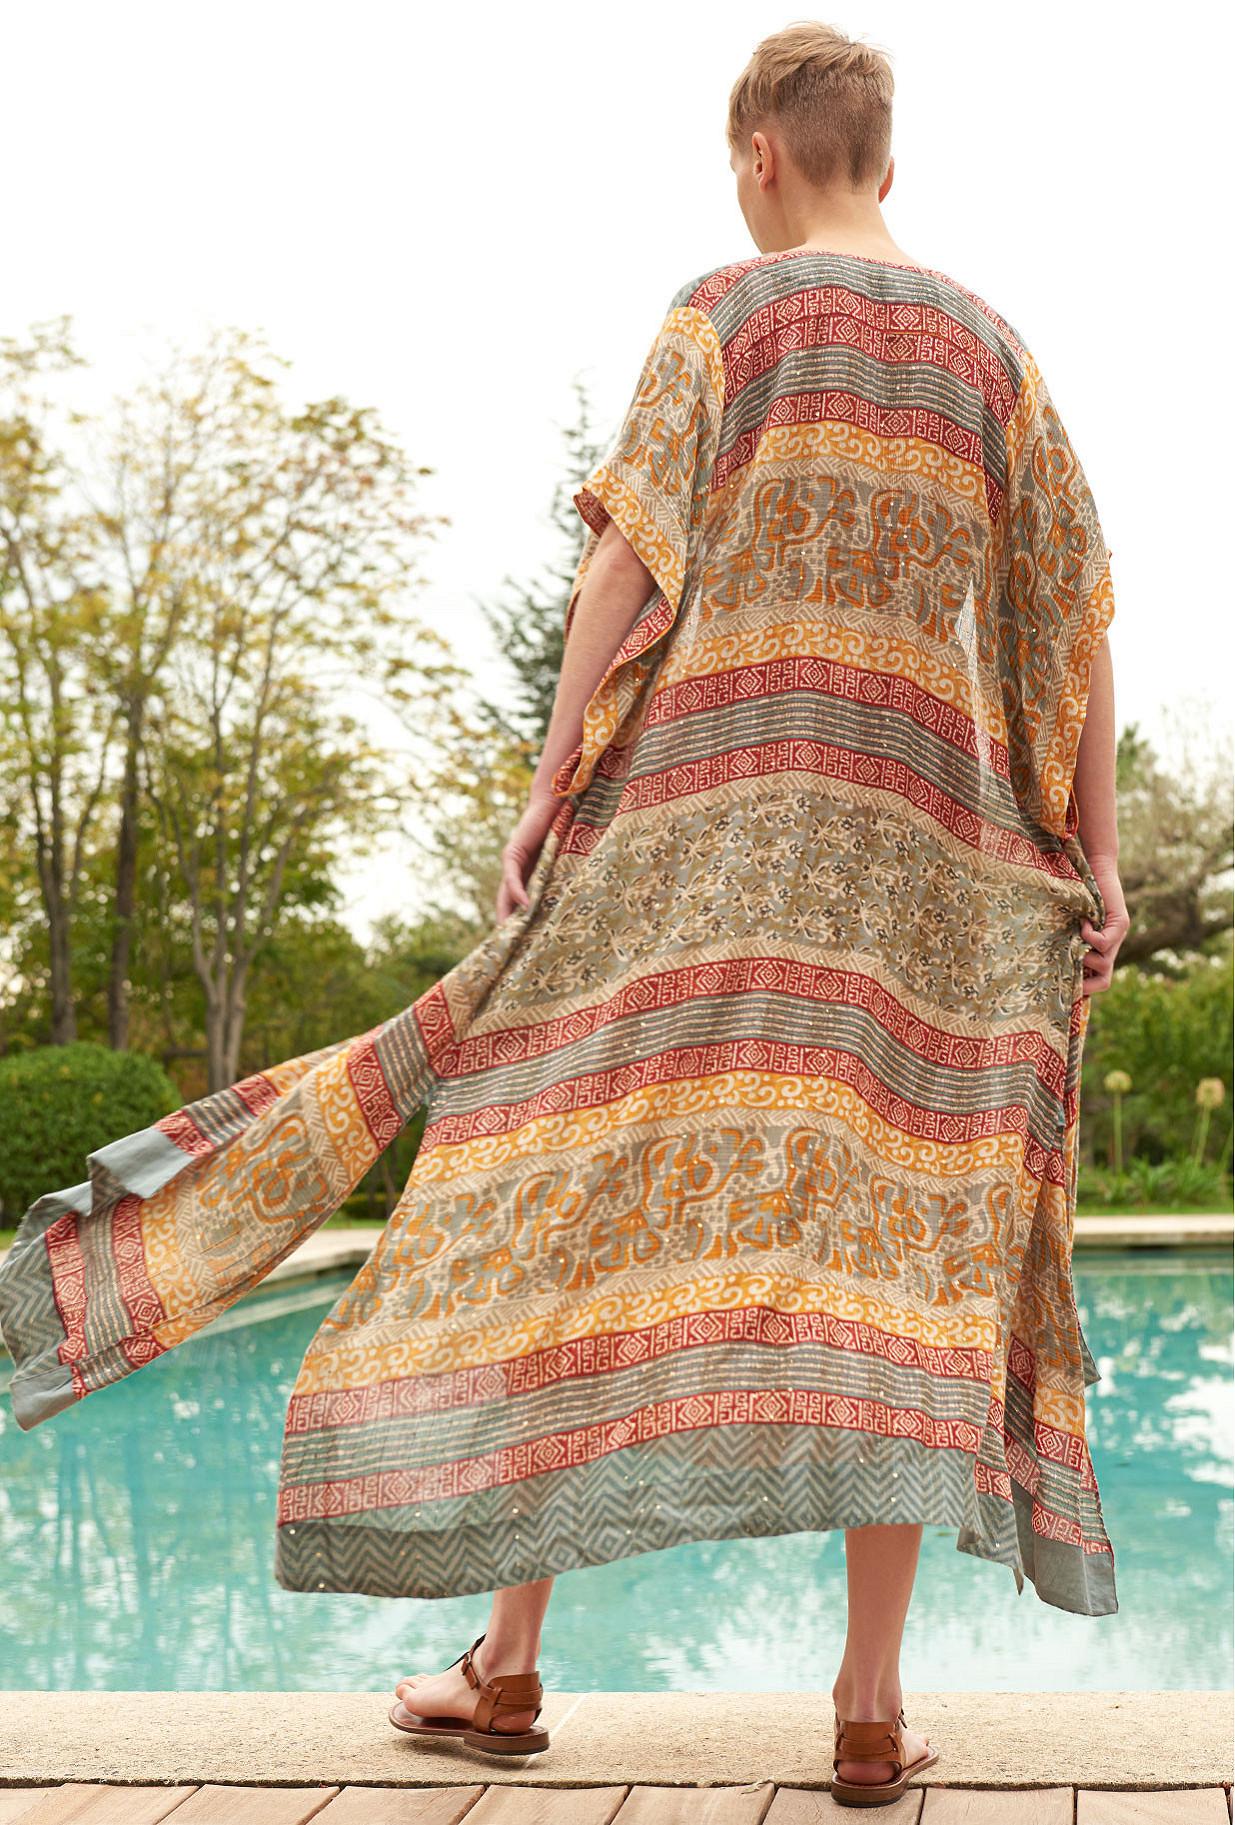 Kimono Imprimé orangé  Katha mes demoiselles paris vêtement femme paris